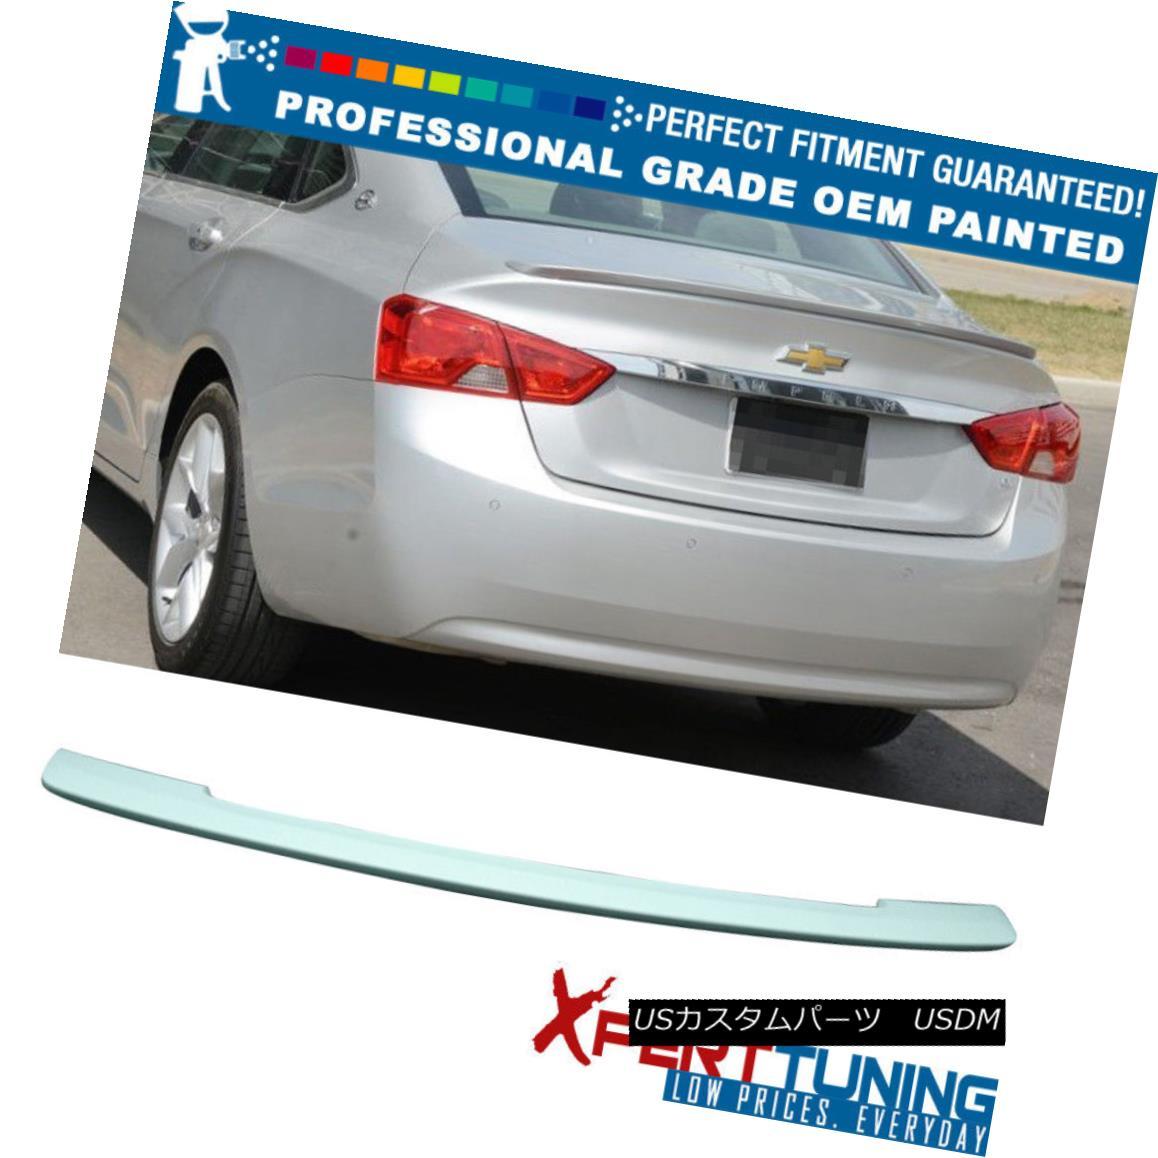 エアロパーツ Fits 14-18 Chevy Impala 4Dr 10th Gen OE Style Trunk Spoiler - OEM Painted Color フィット14-18シボレーインパラ4Dr第10世代OEスタイルのトランク・スポイラー - OEM塗装カラー